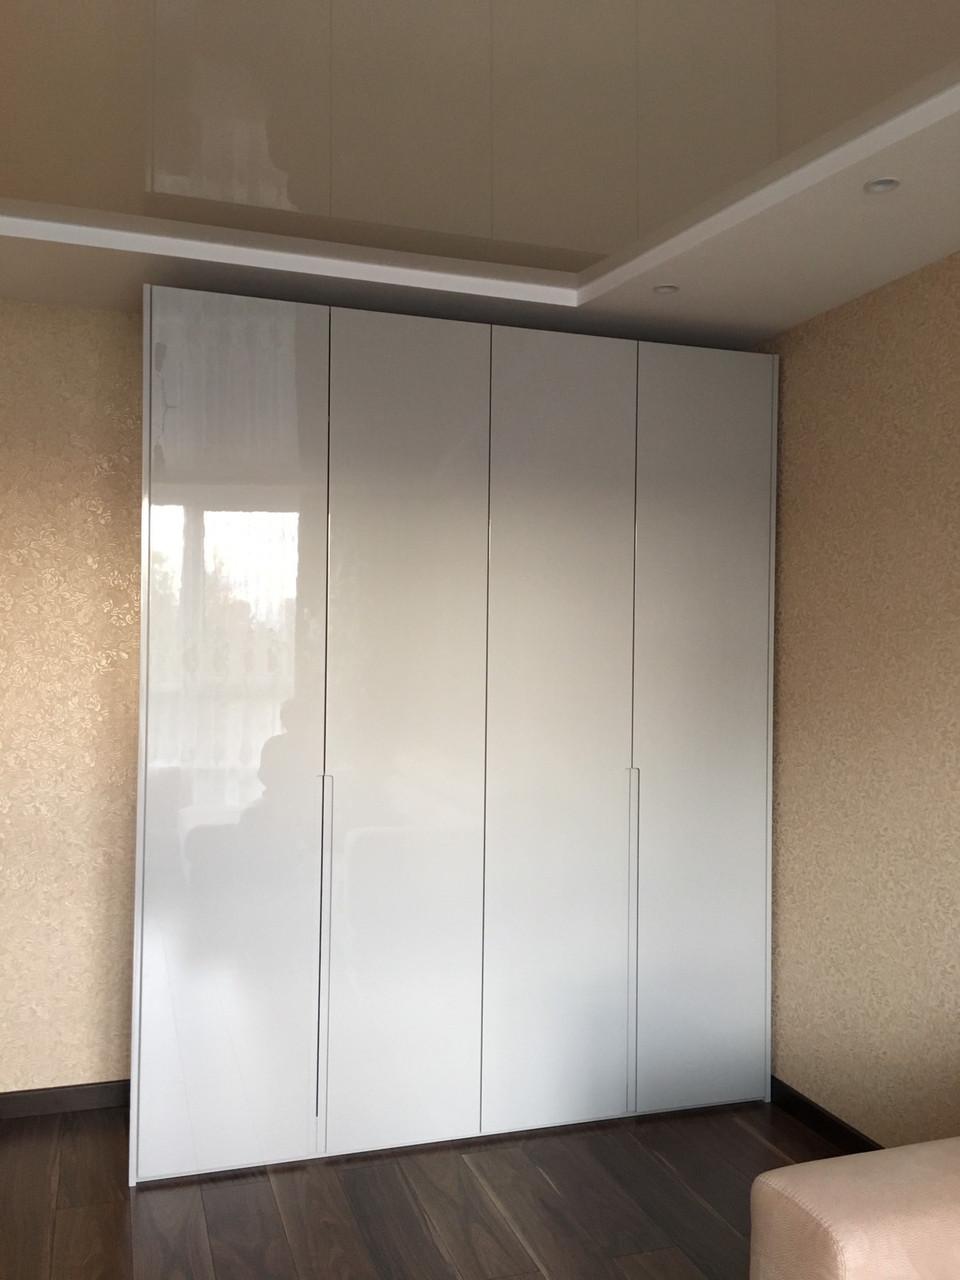 Шкаф в современном стиле с фасадами мдф краска глянец